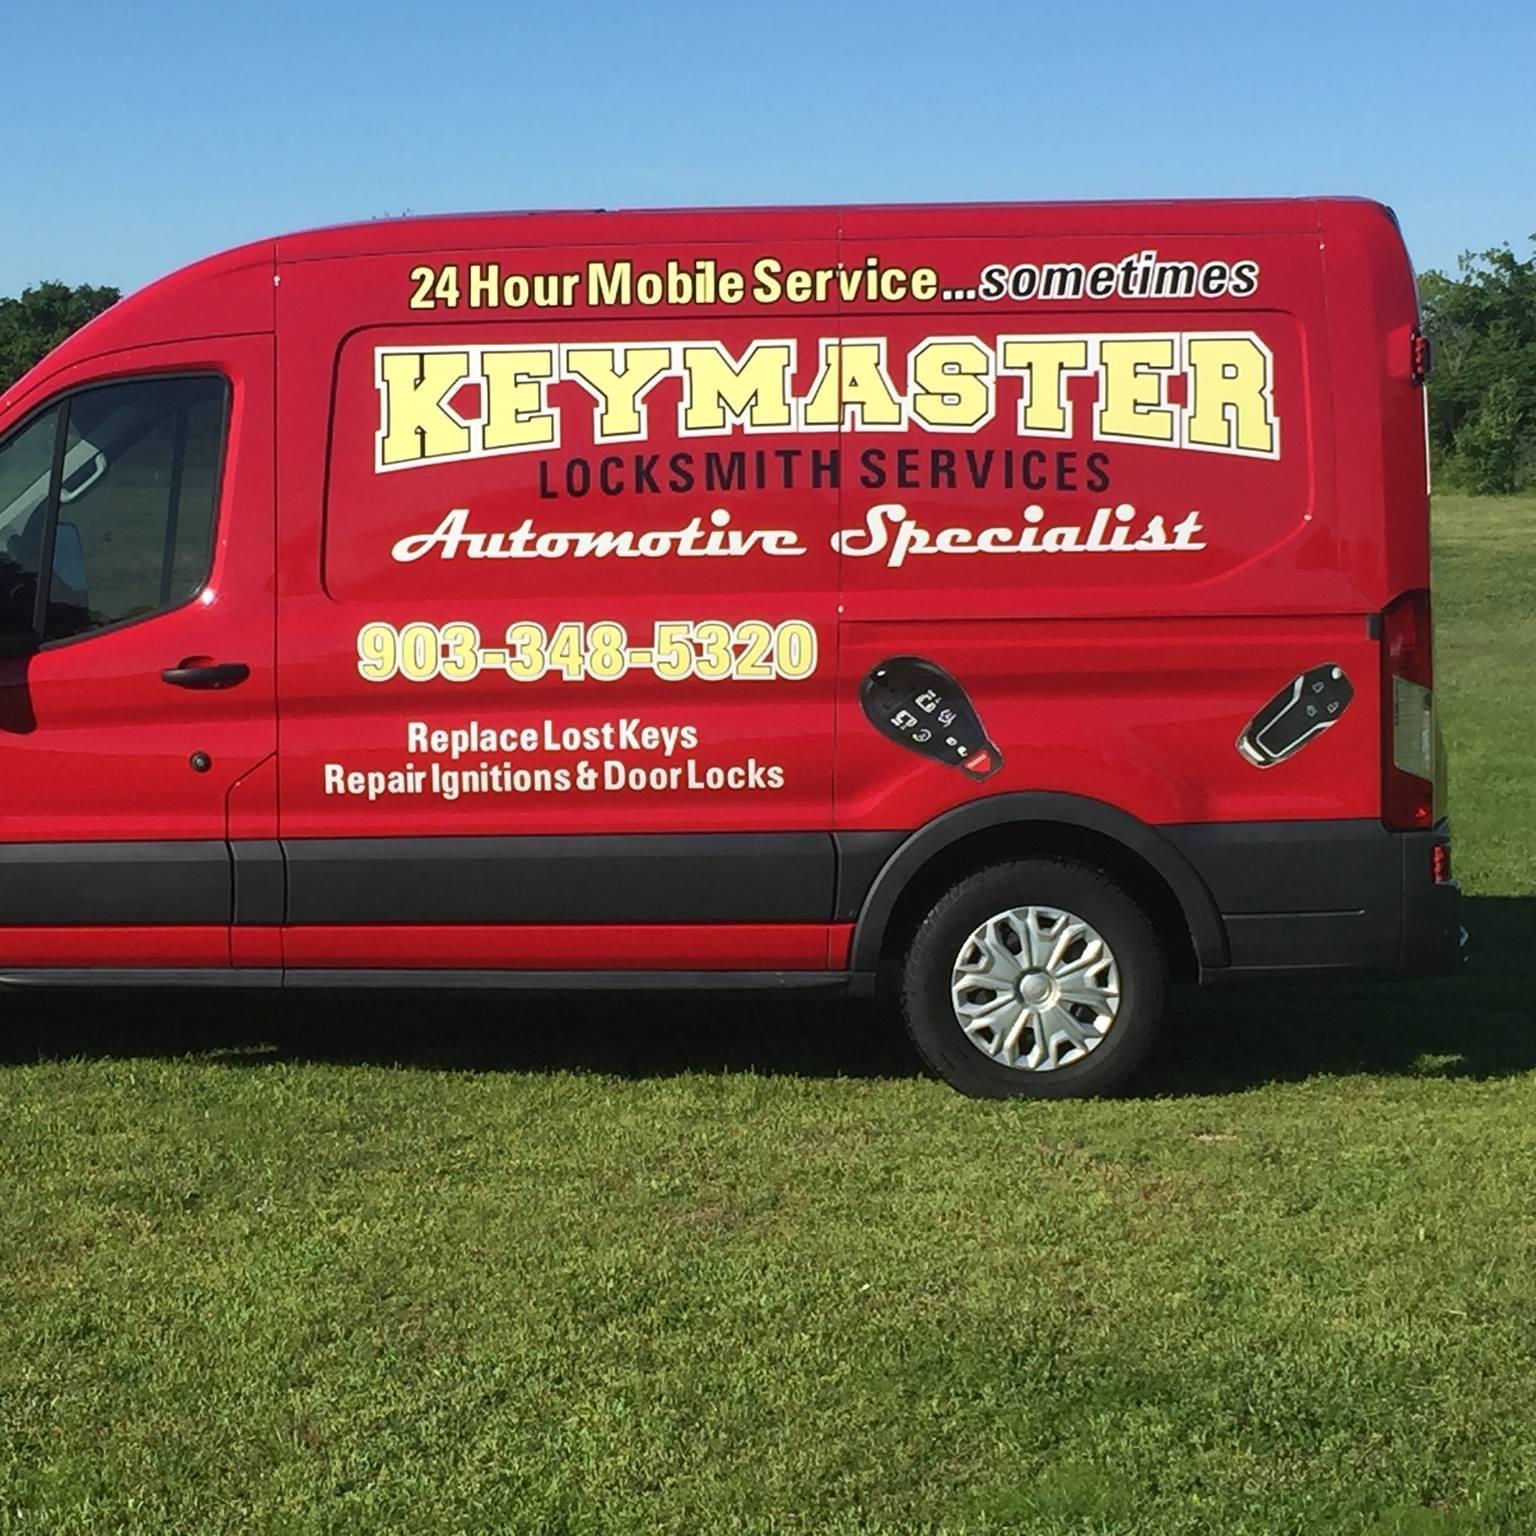 Keymaster Locksmith Services